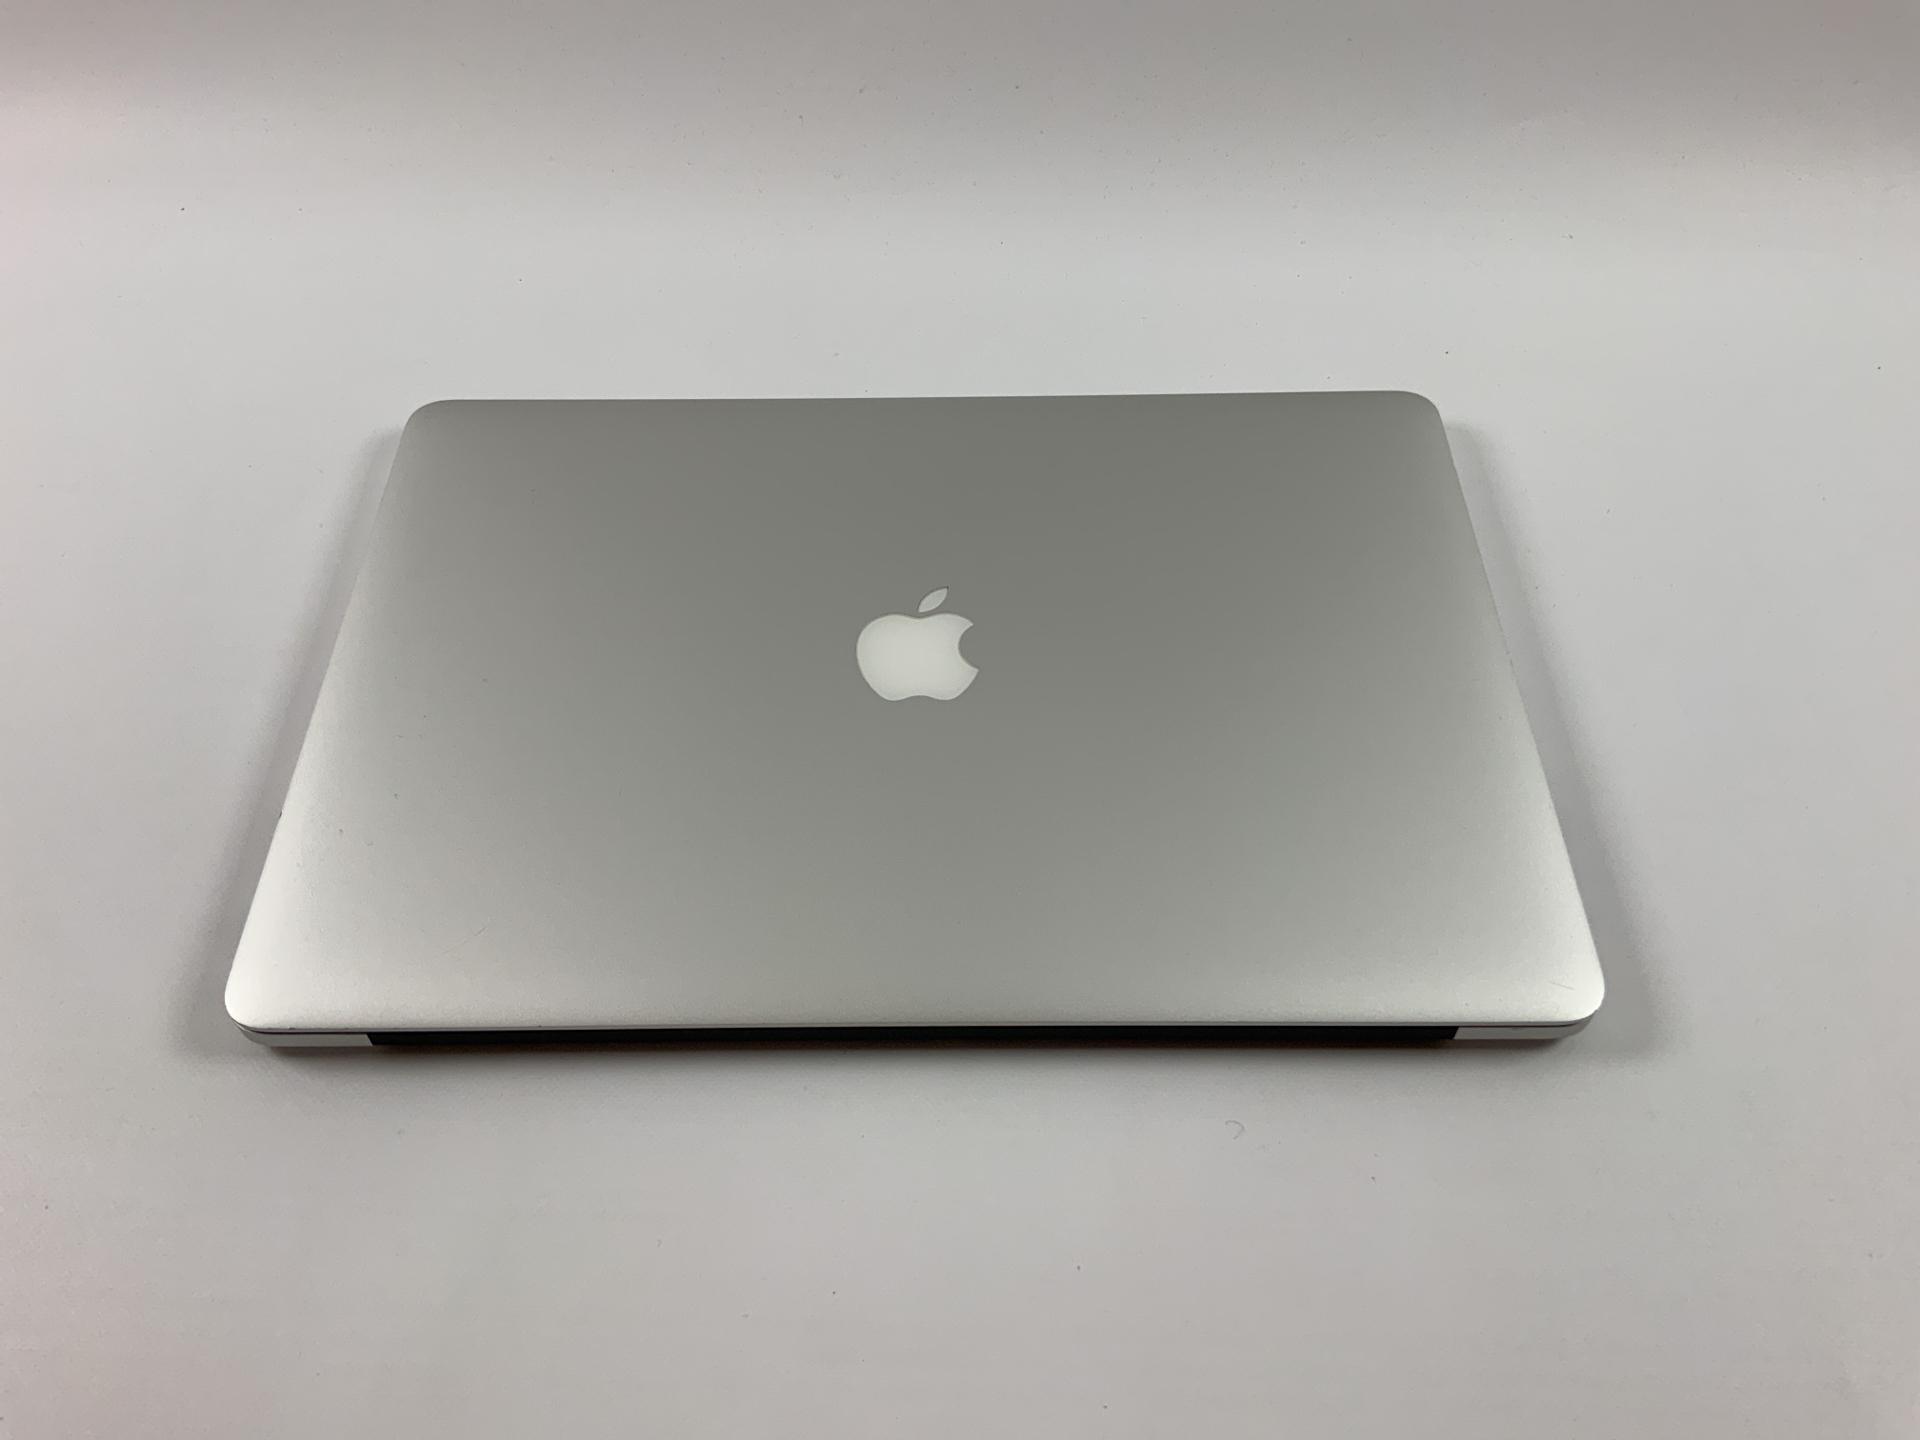 """MacBook Pro Retina 15"""" Mid 2015 (Intel Quad-Core i7 2.2 GHz 16 GB RAM 256 GB SSD), Intel Quad-Core i7 2.2 GHz, 16 GB RAM, 256 GB SSD, bild 3"""